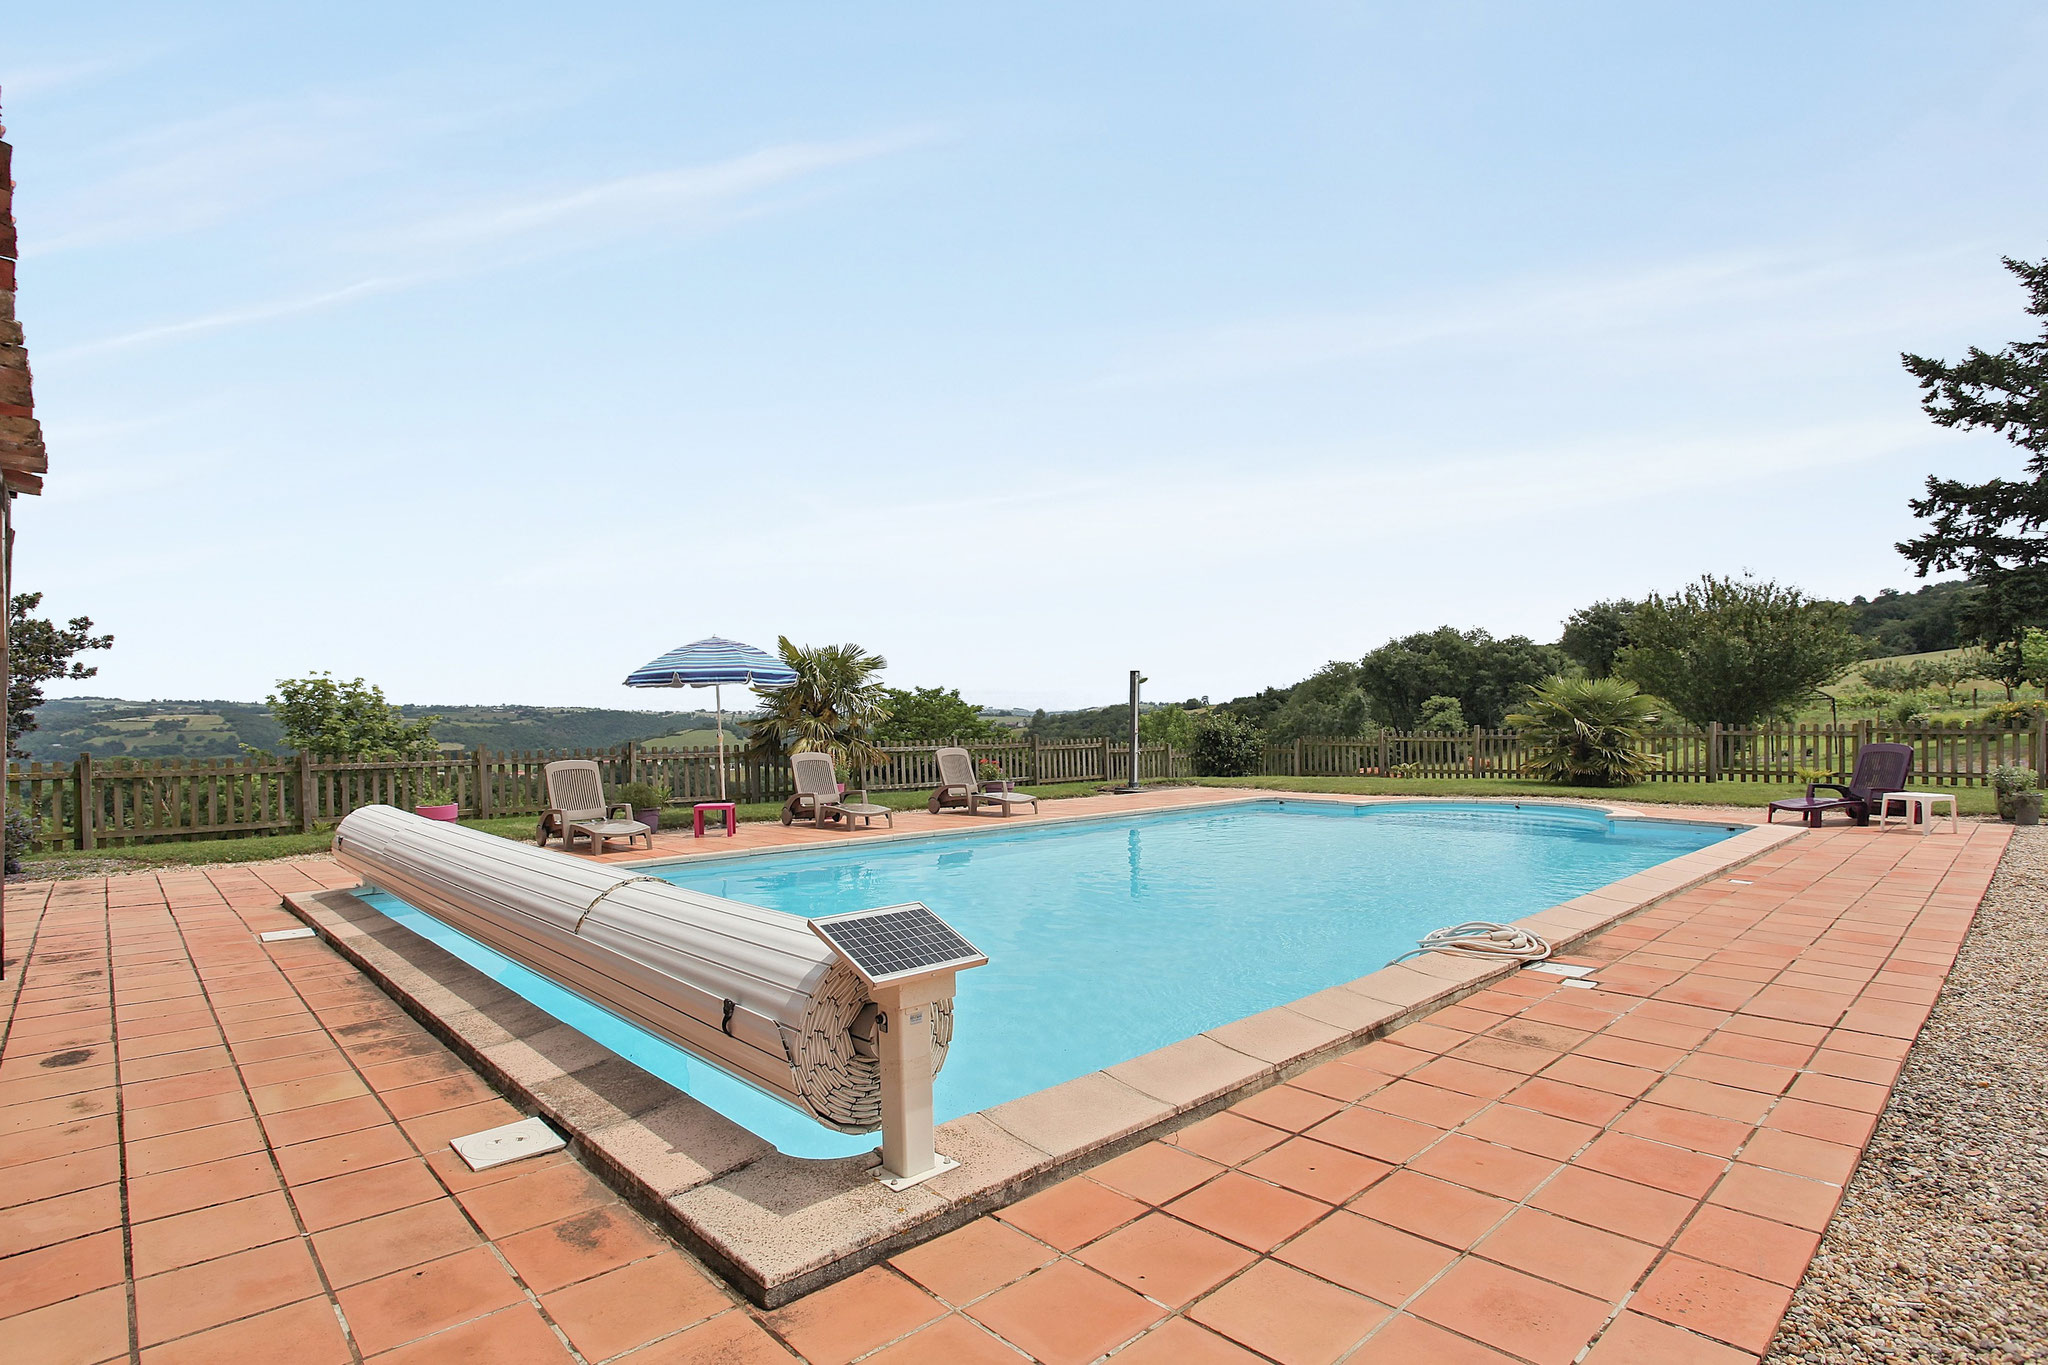 piscine en été, Gîtes et chambres d'hôtes Peyrecout Tarn Albi